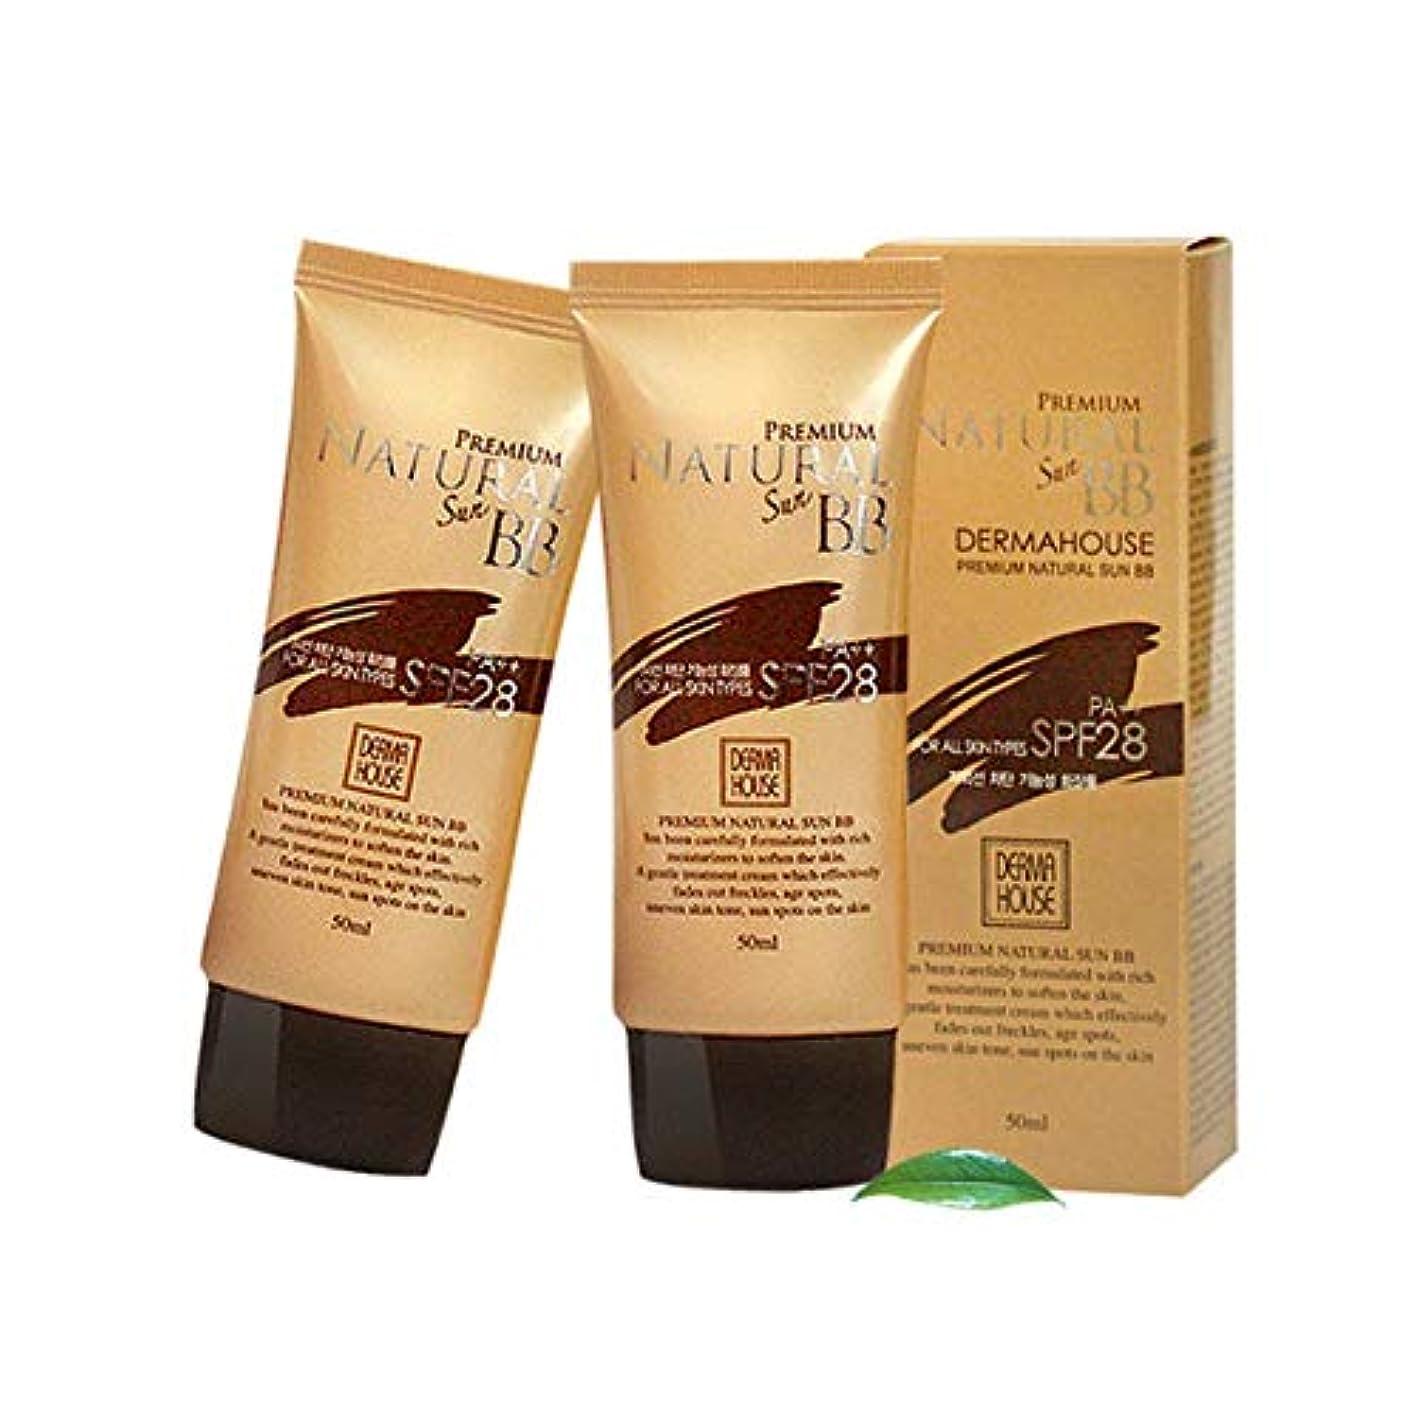 カトリック教徒信頼胚芽ダーマハウスプレミアムナチュラルサンBBクリーム 50mlx2本セット韓国コスメ、Derma House Premium Natural Sun BB Cream 50ml x 2ea Set Korean Cosmetics...